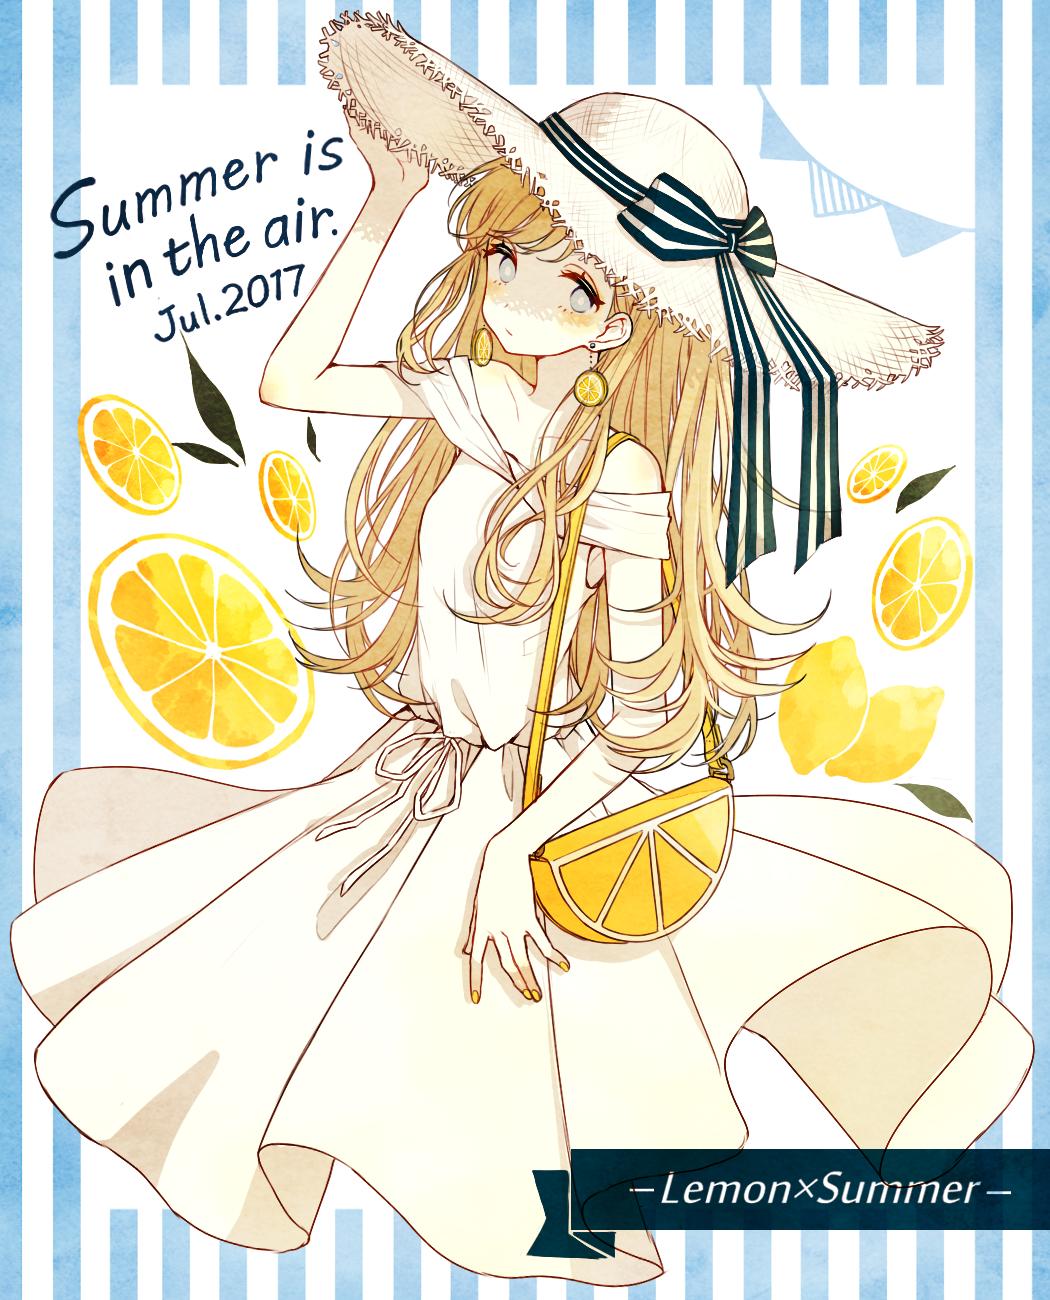 id=64066590,动漫手机壁纸,柠檬少女,动漫唯美壁纸